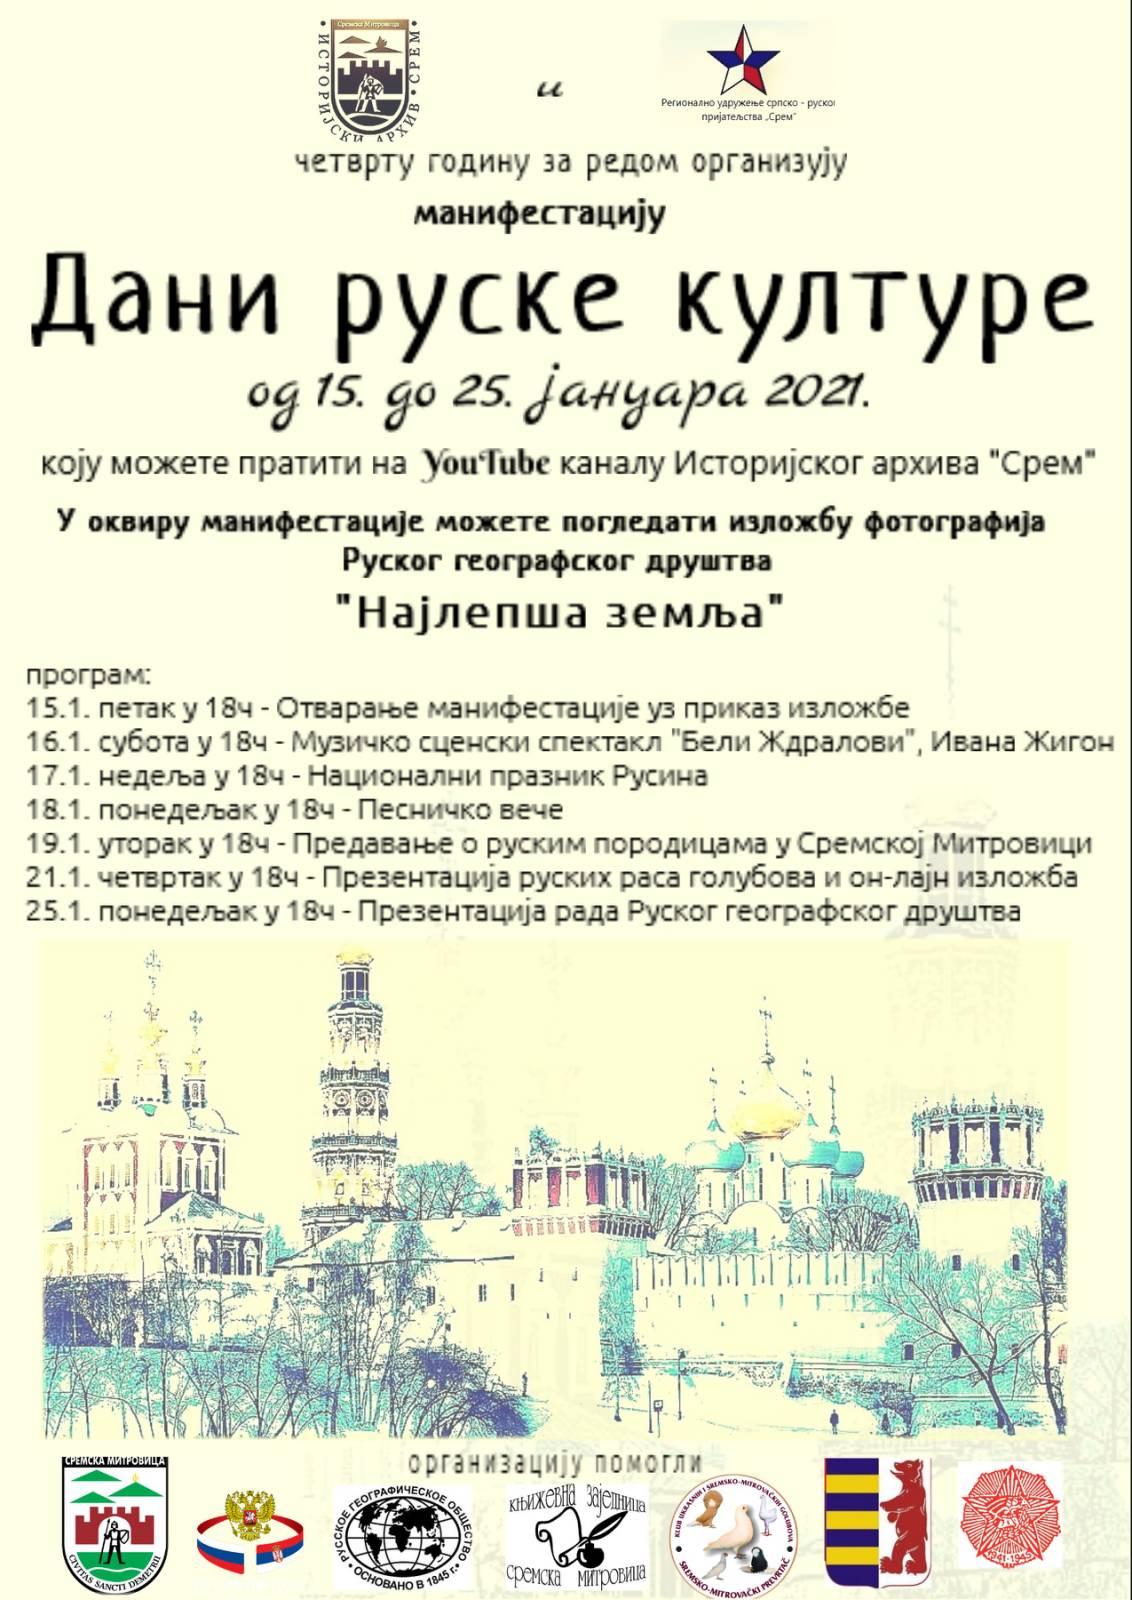 Dani ruske kulture 2021